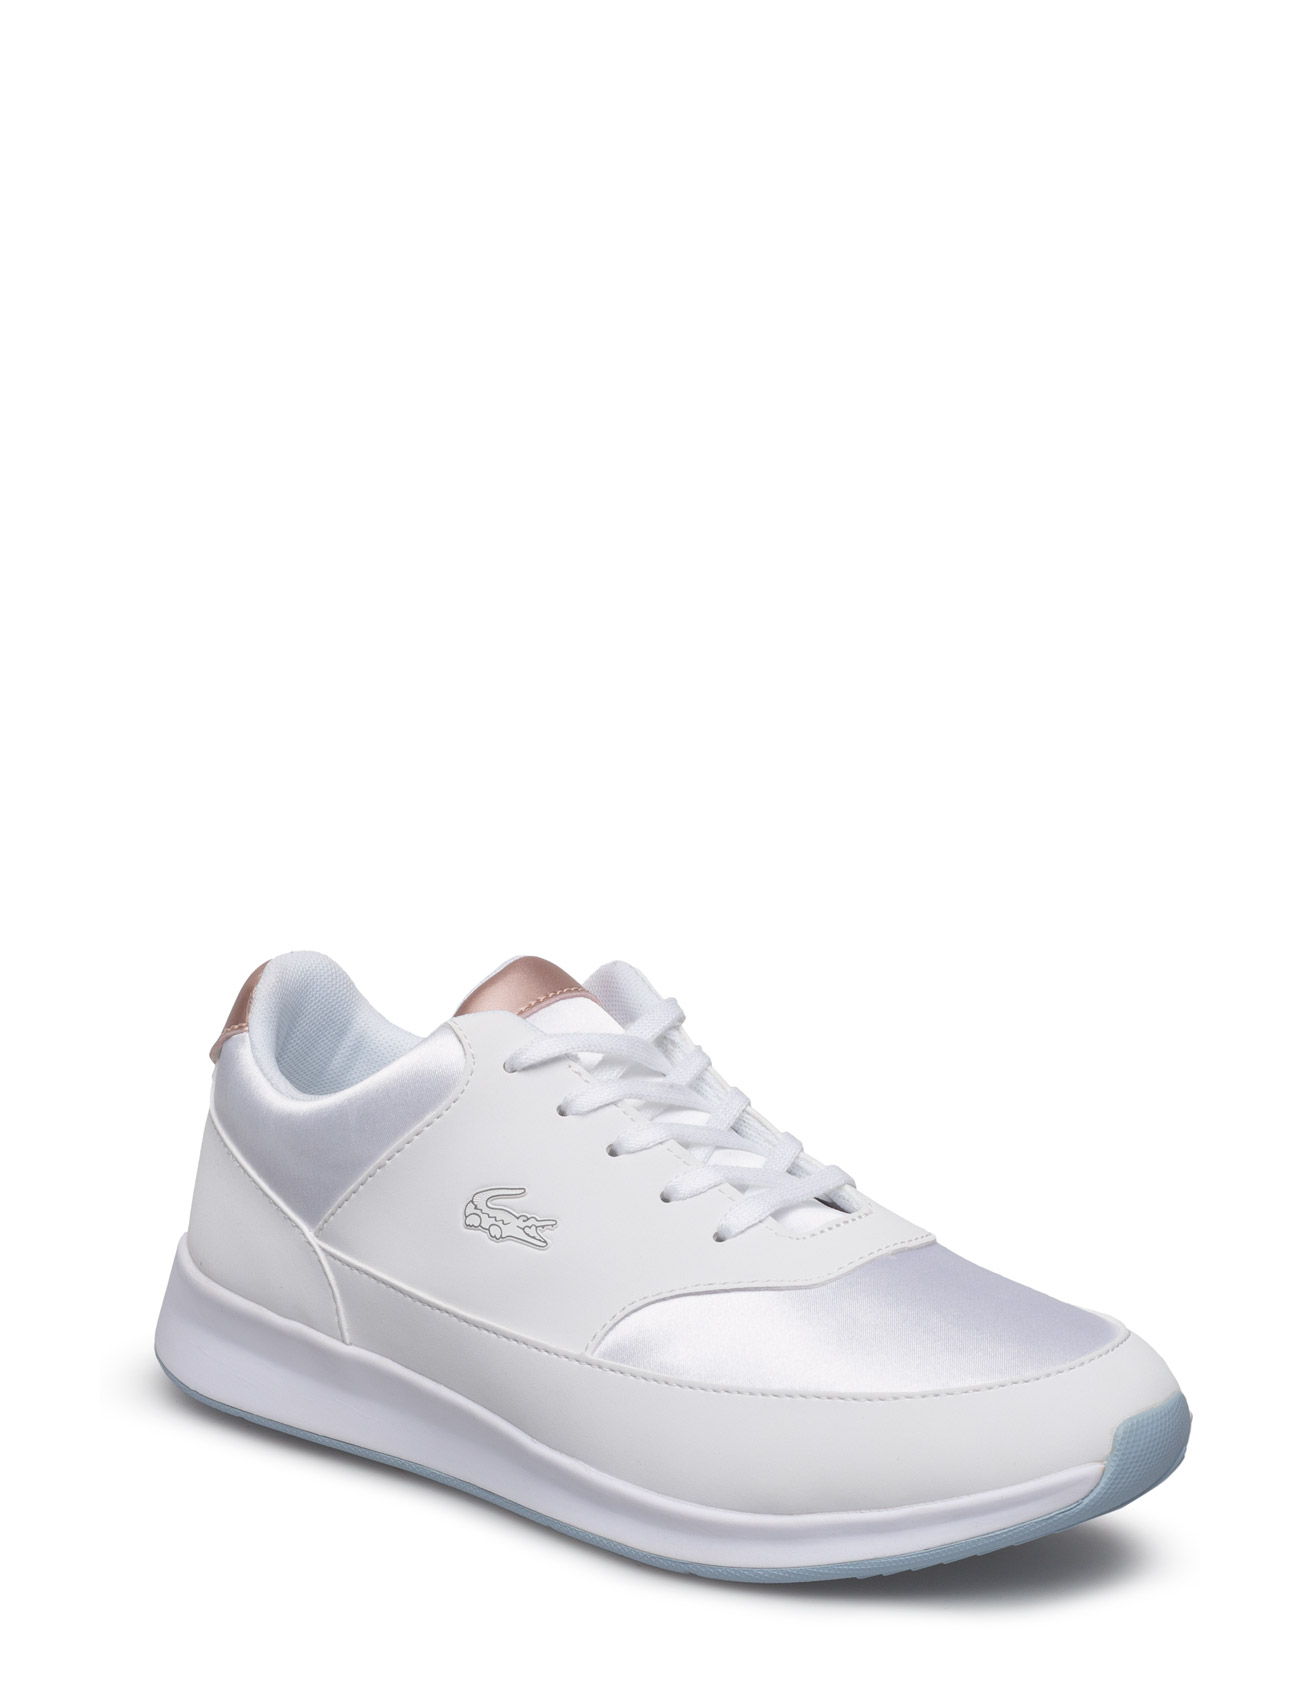 lacoste shoes – Chaumont lace 317 1 på boozt.com dk